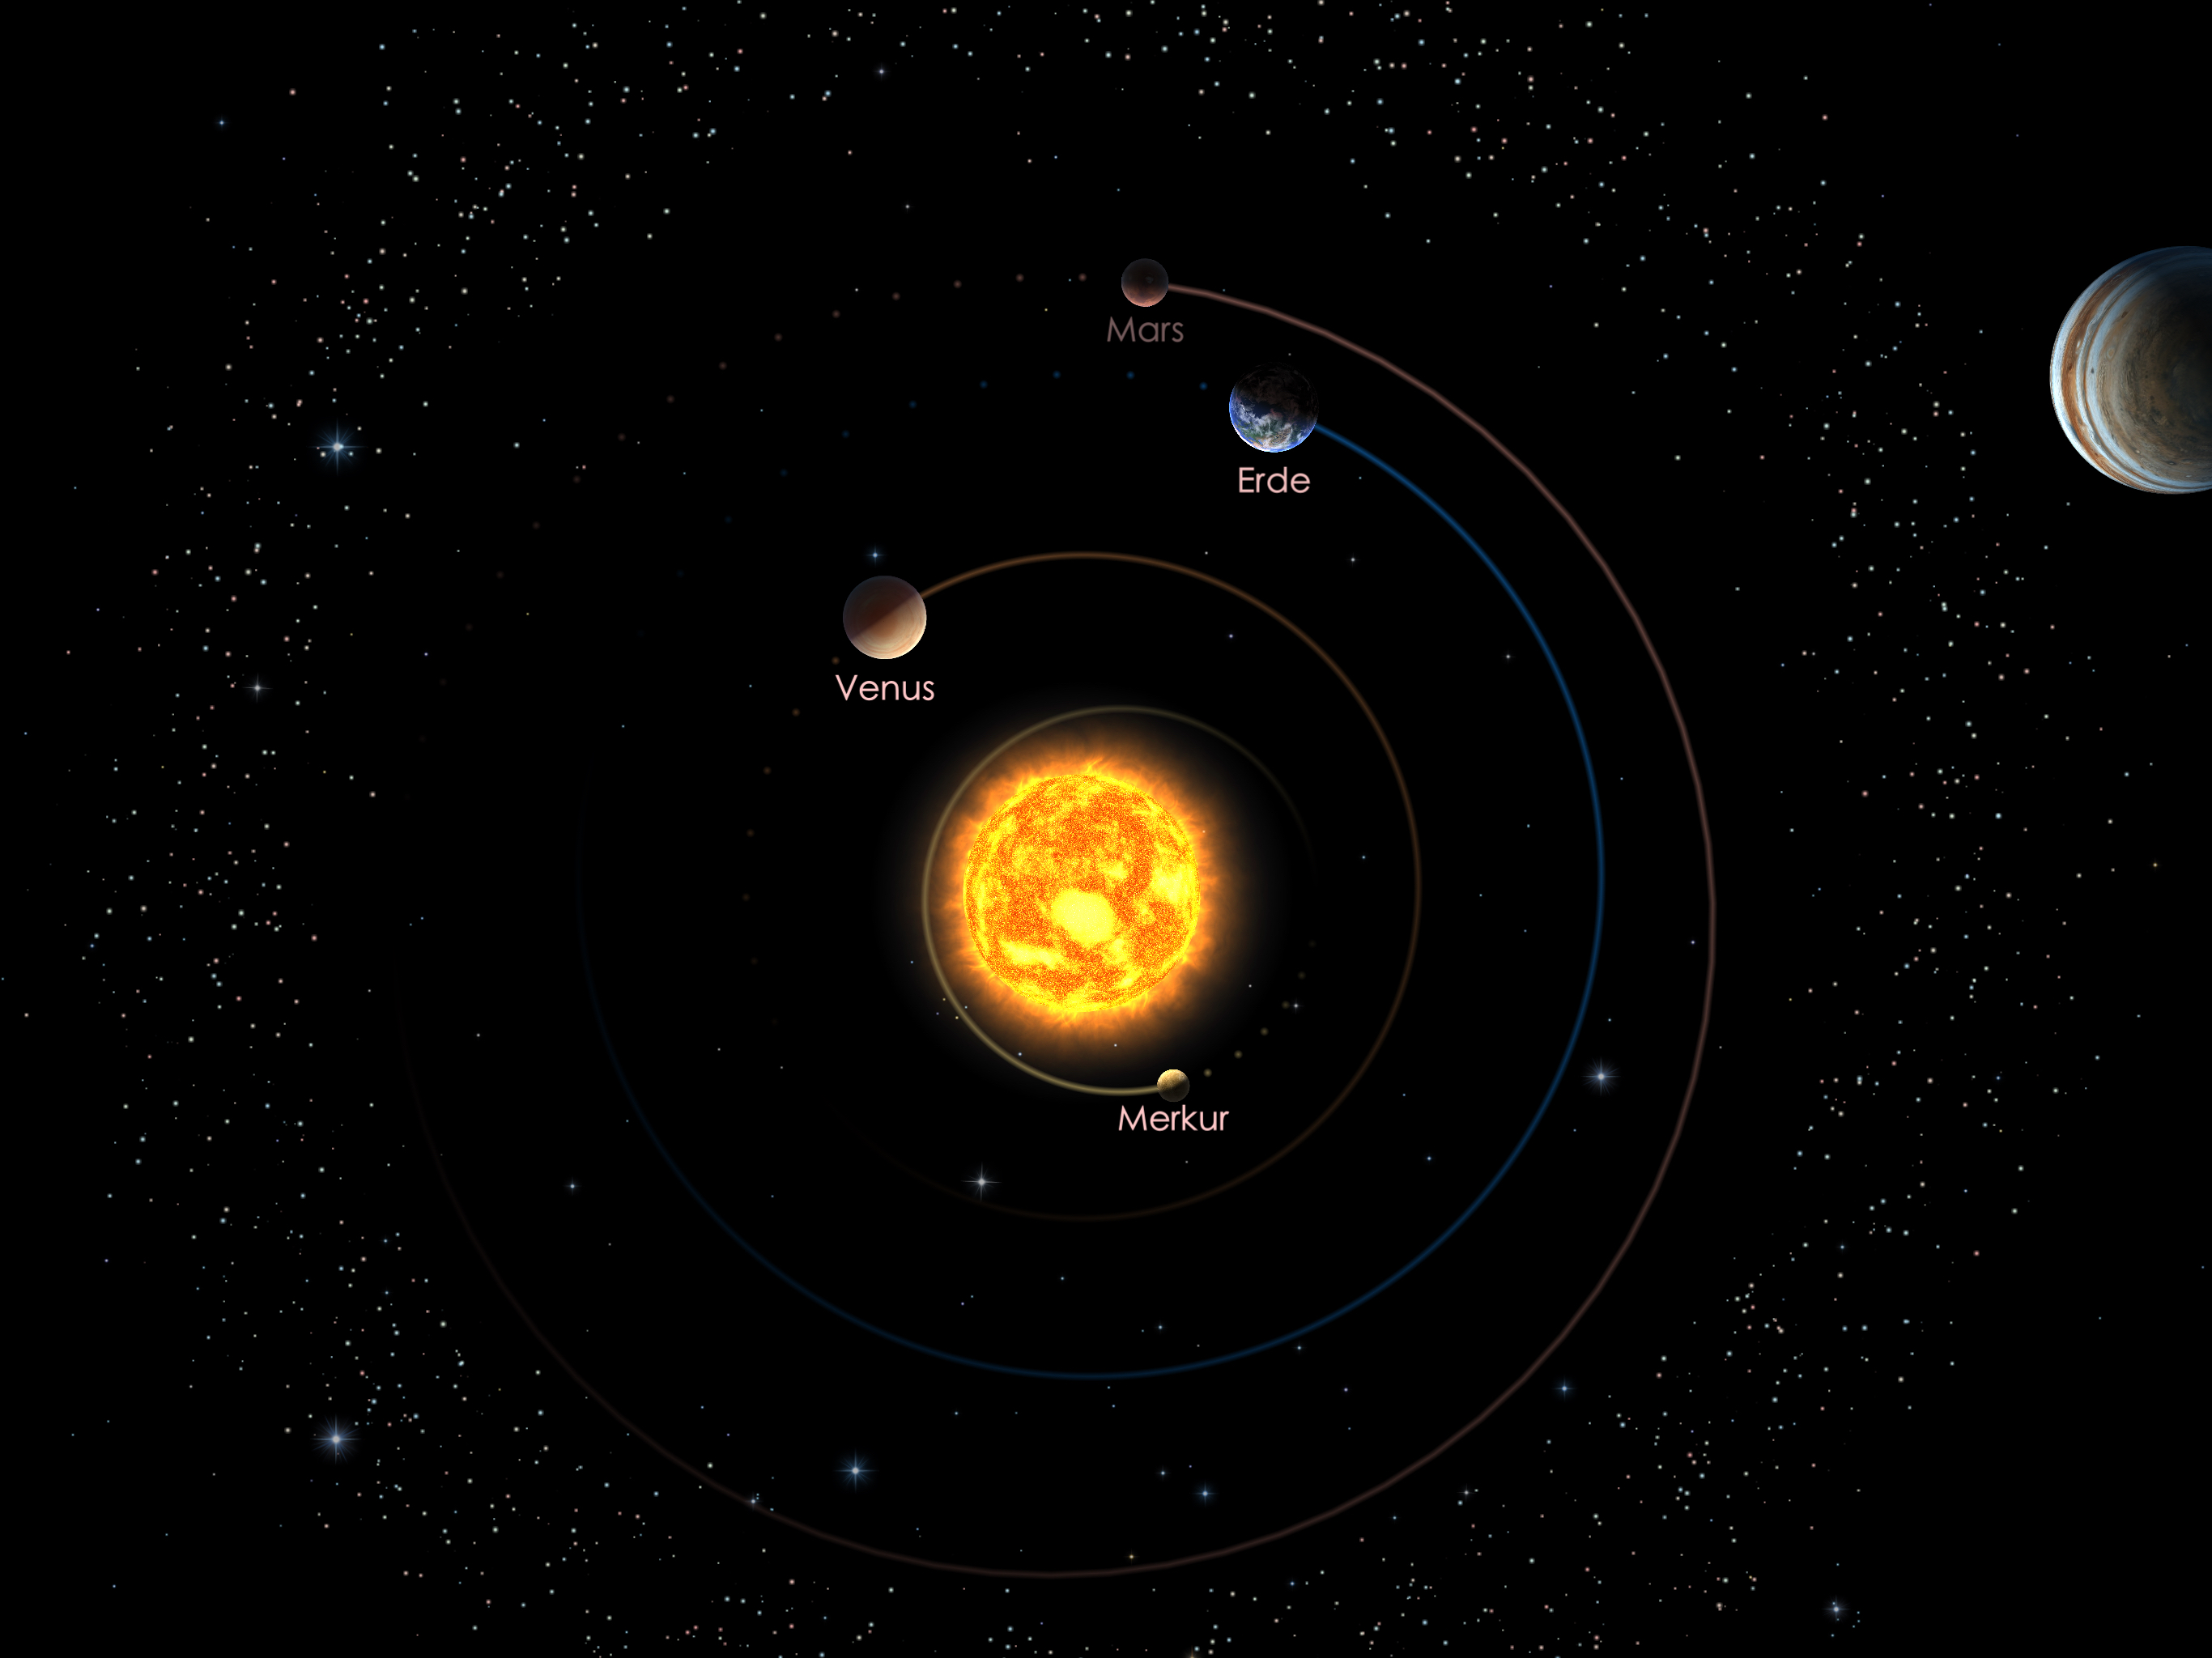 Die inneren Planeten am 01.09.20